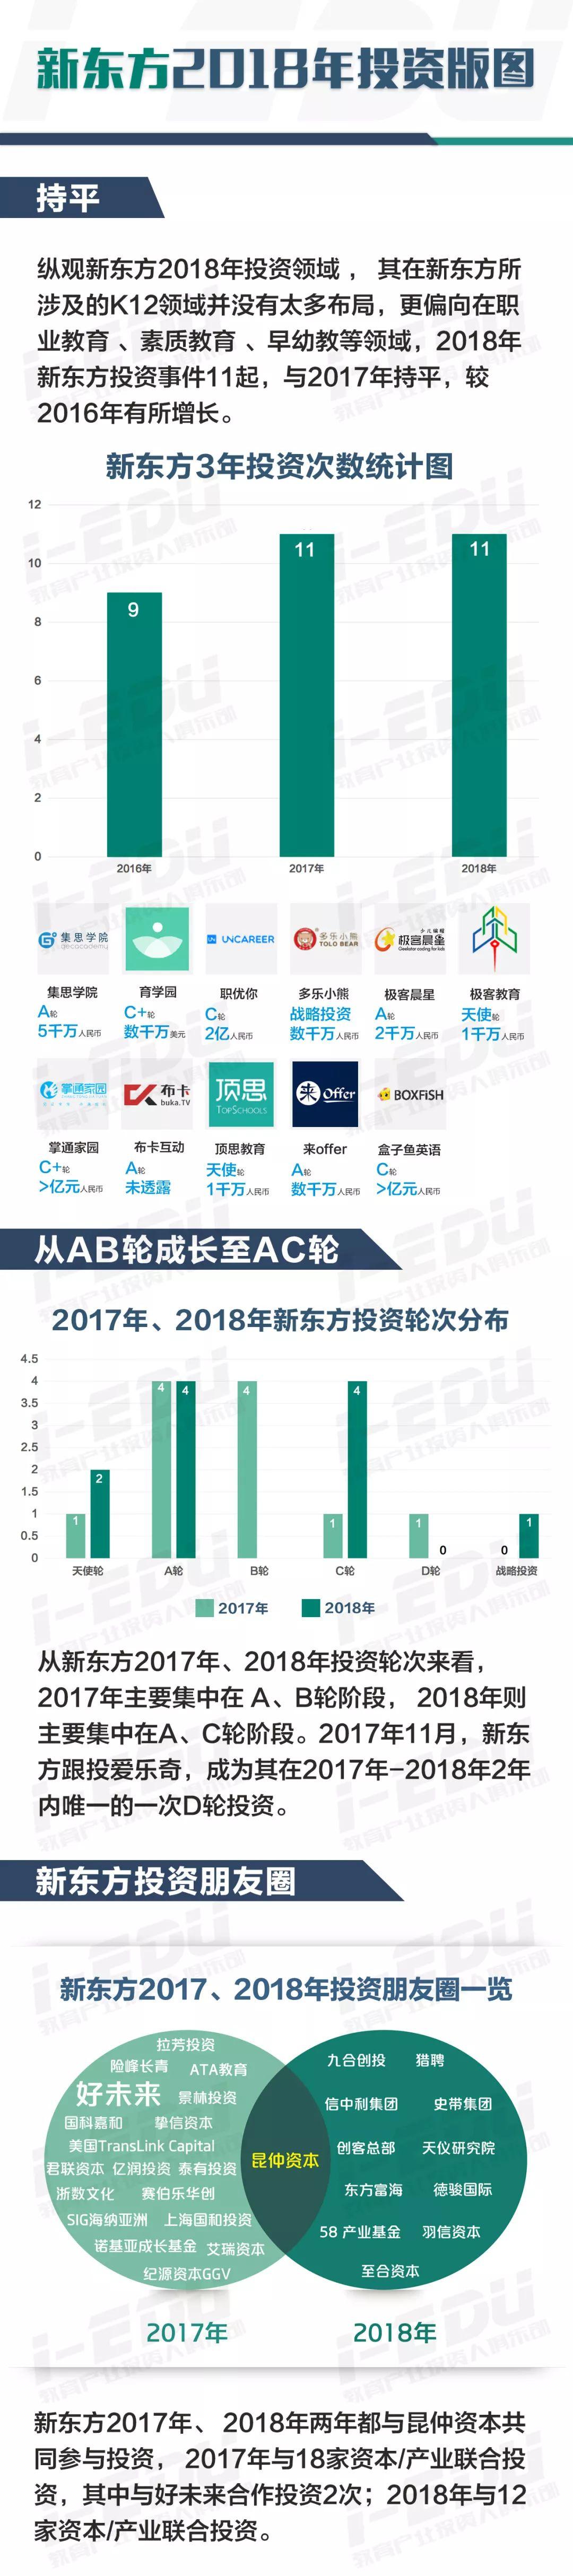 新东方2018年投资版图